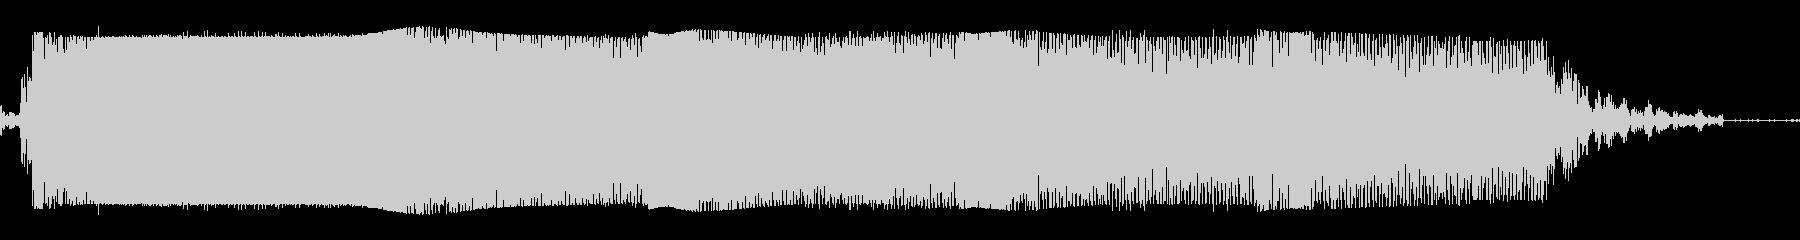 ギターメタルパワーコードzr wの未再生の波形